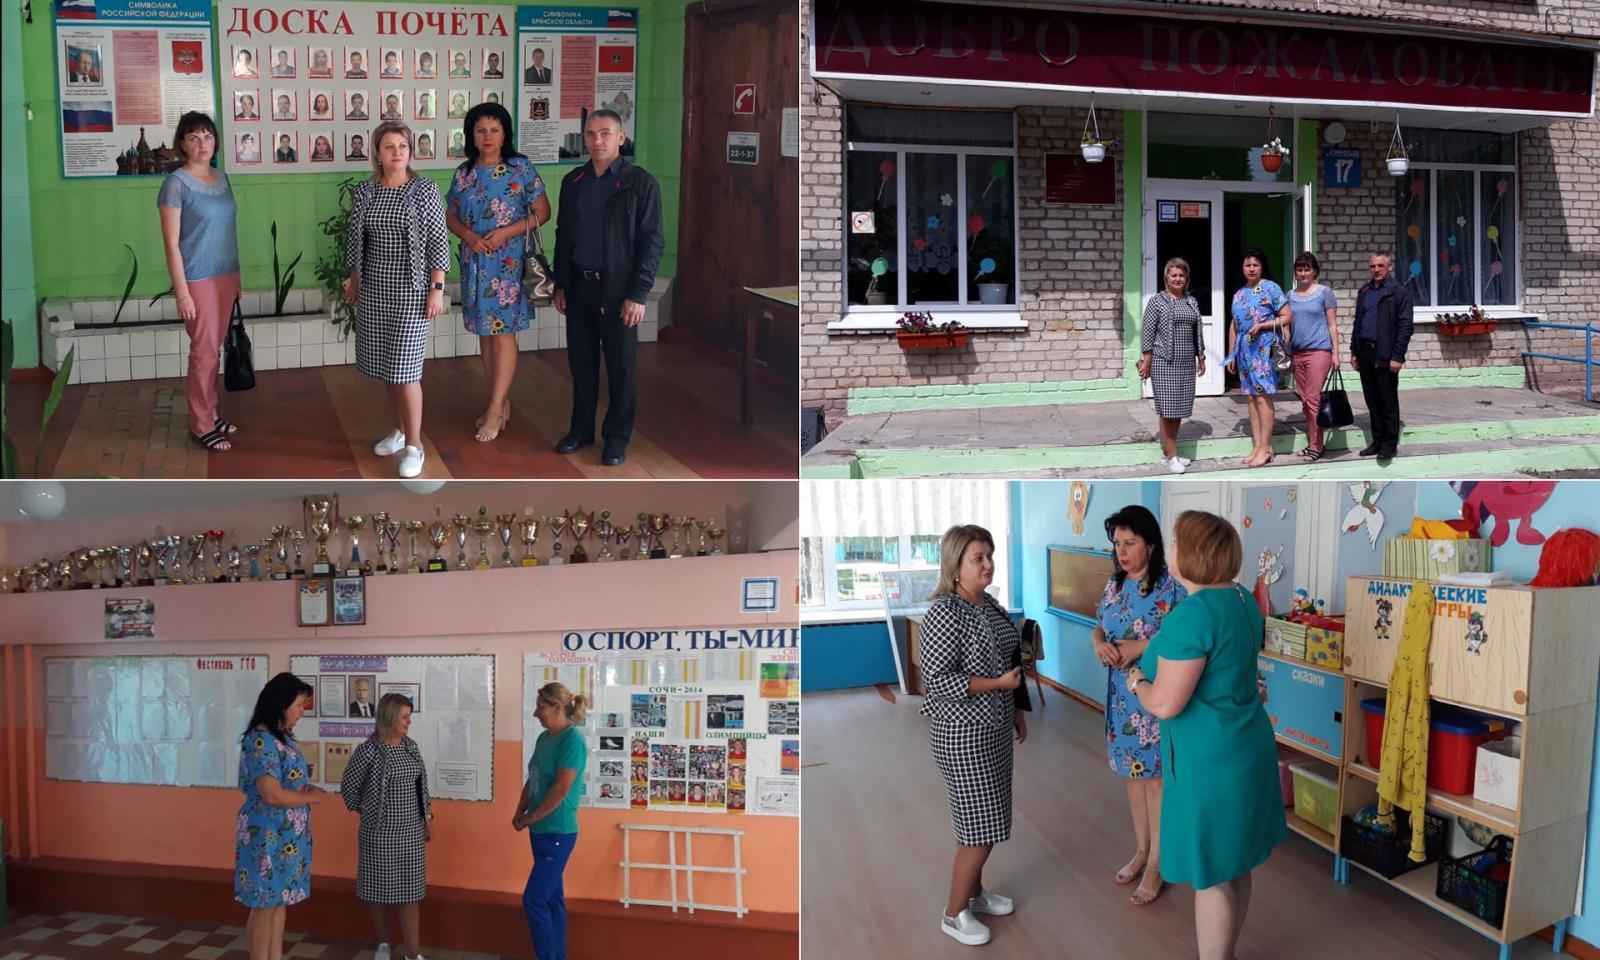 В Злынковском районе за 4 миллиона ремонтируют детский сад и школу